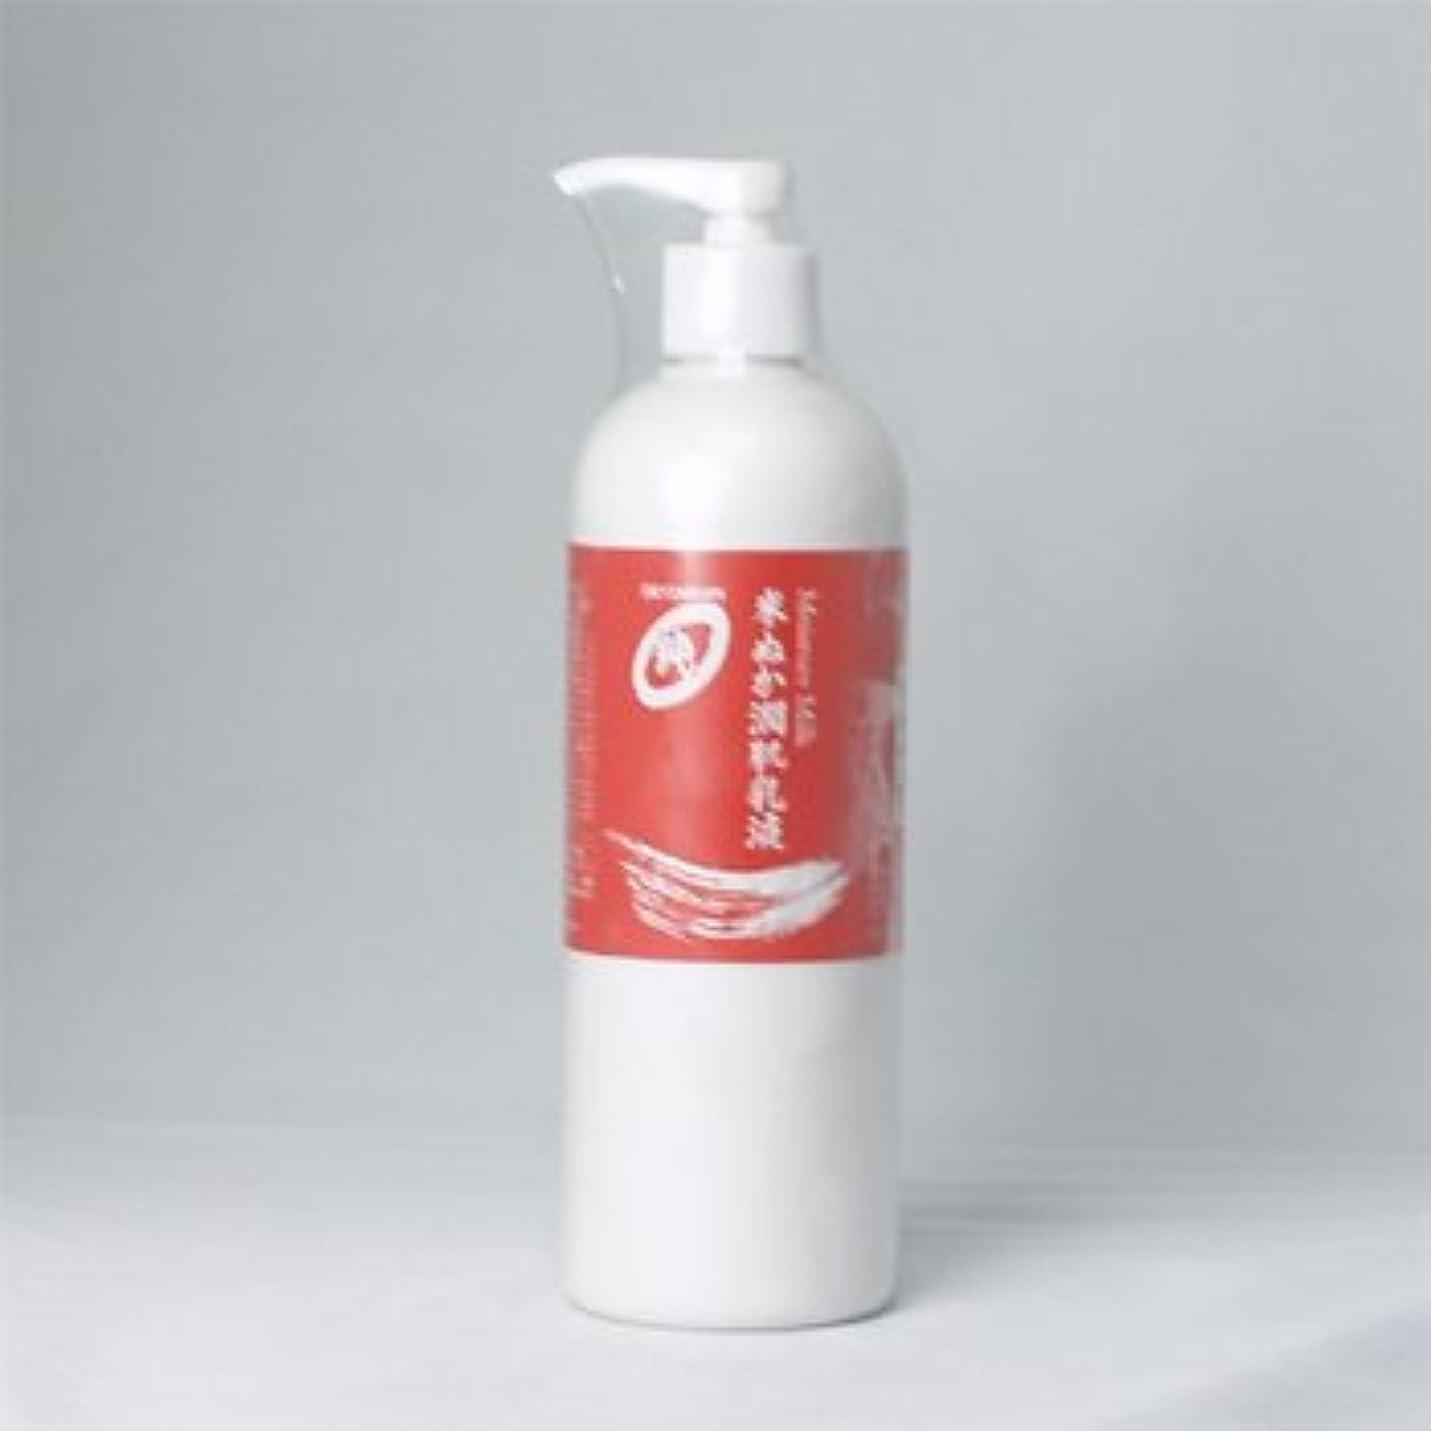 オーバードローハイブリッドペンオリザ ジュン モイスチャーミルク 米ぬか潤肌乳液 400mlポンプ